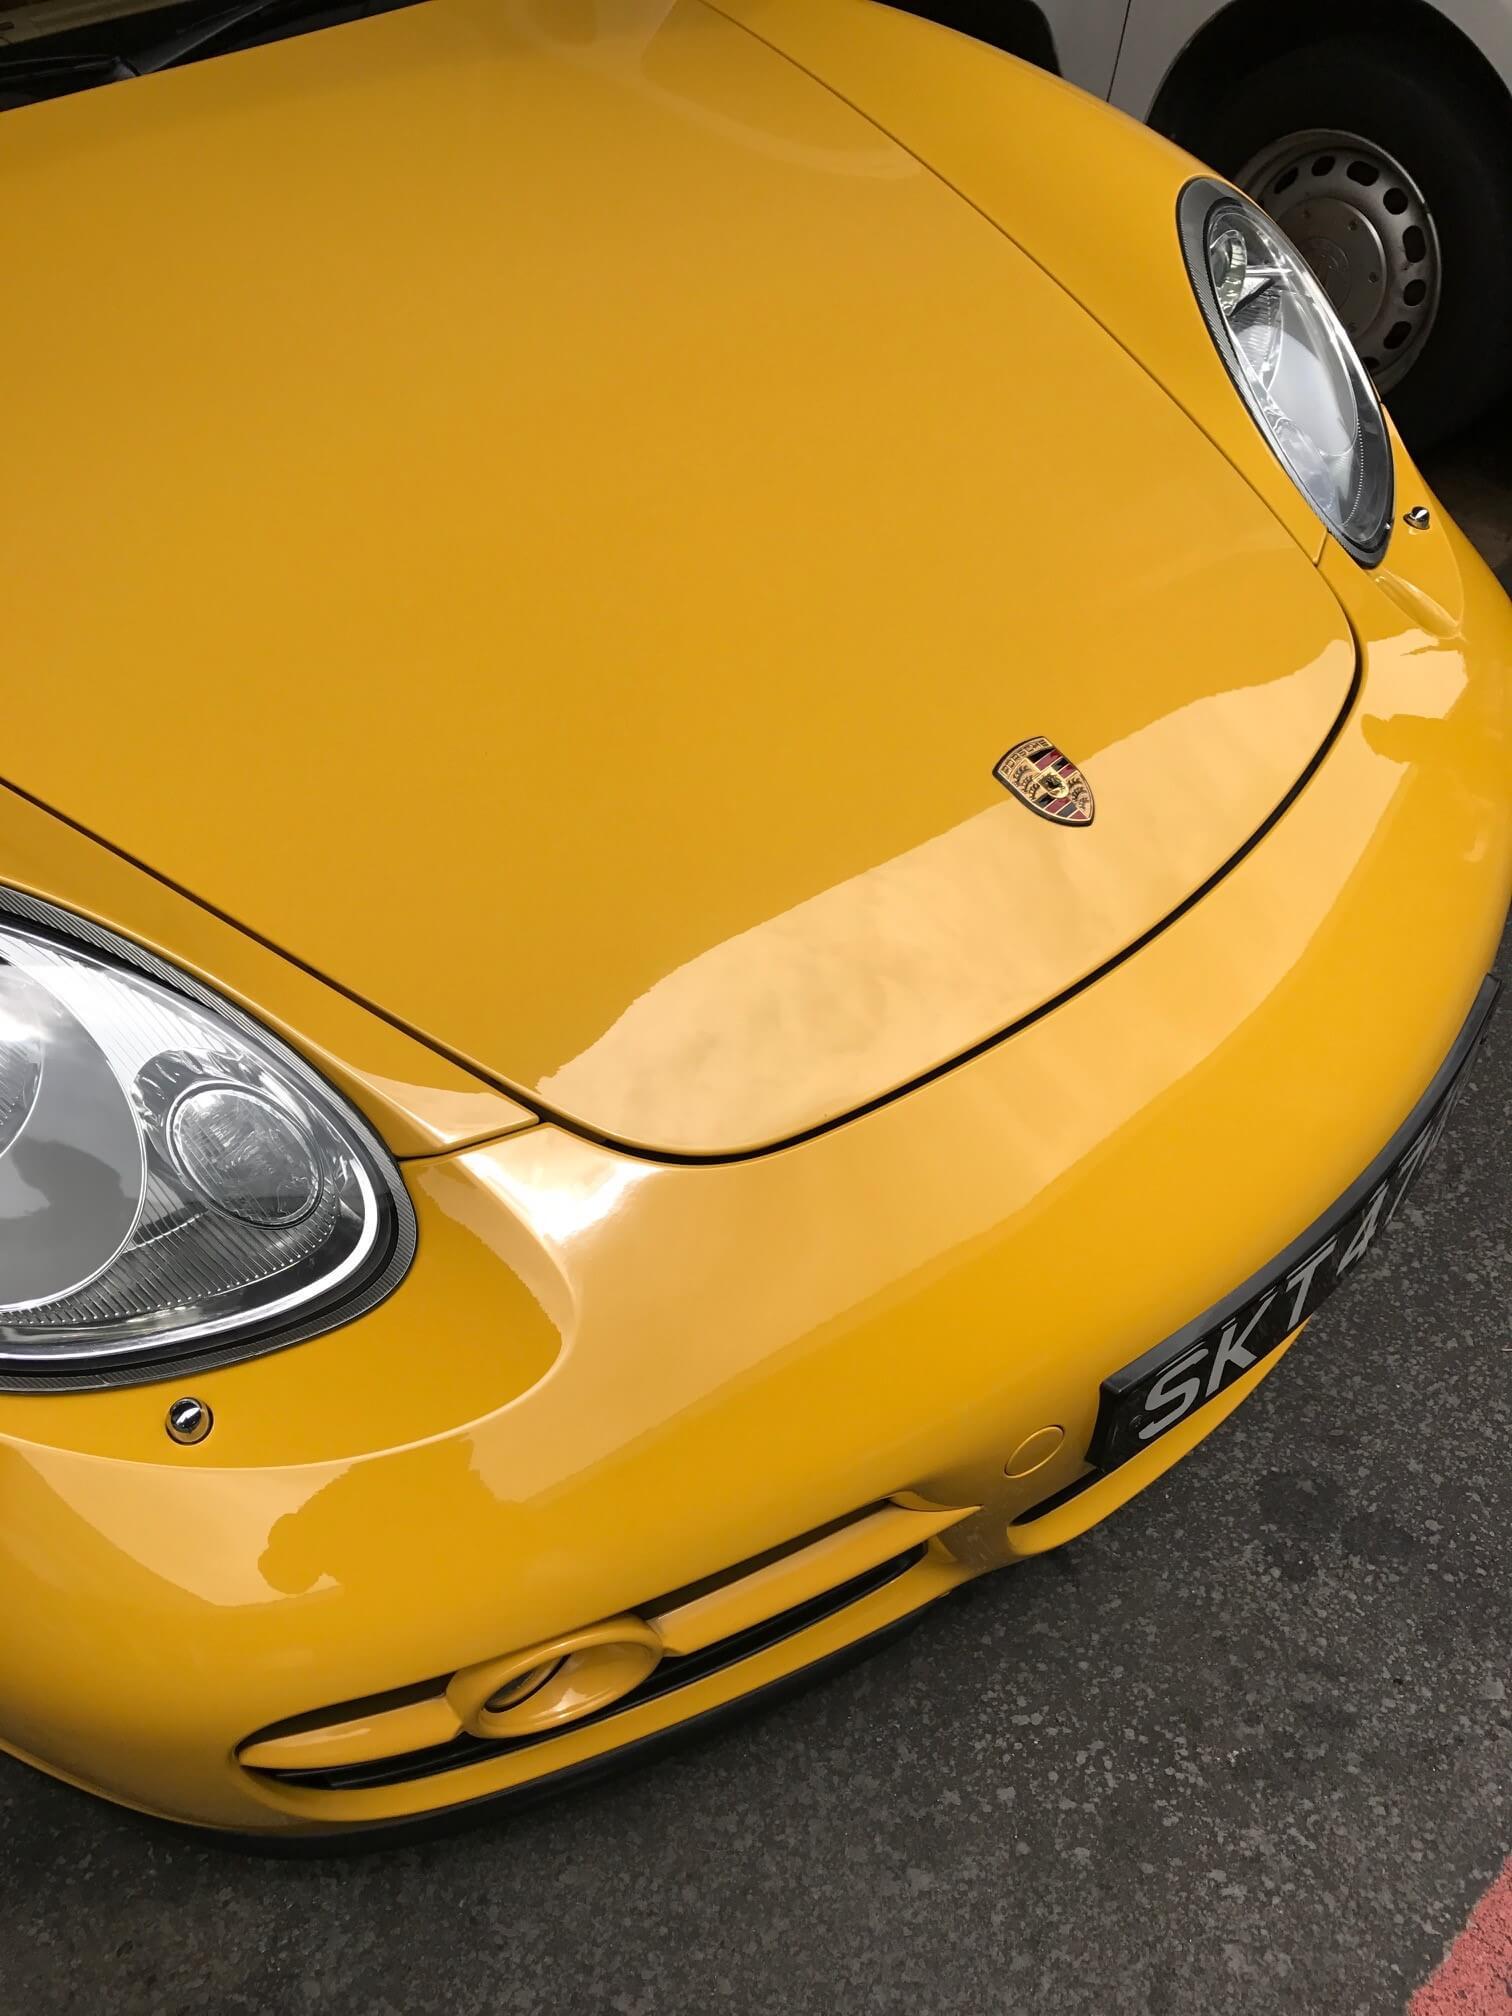 Porsche Cayman Bumper Spray Paint